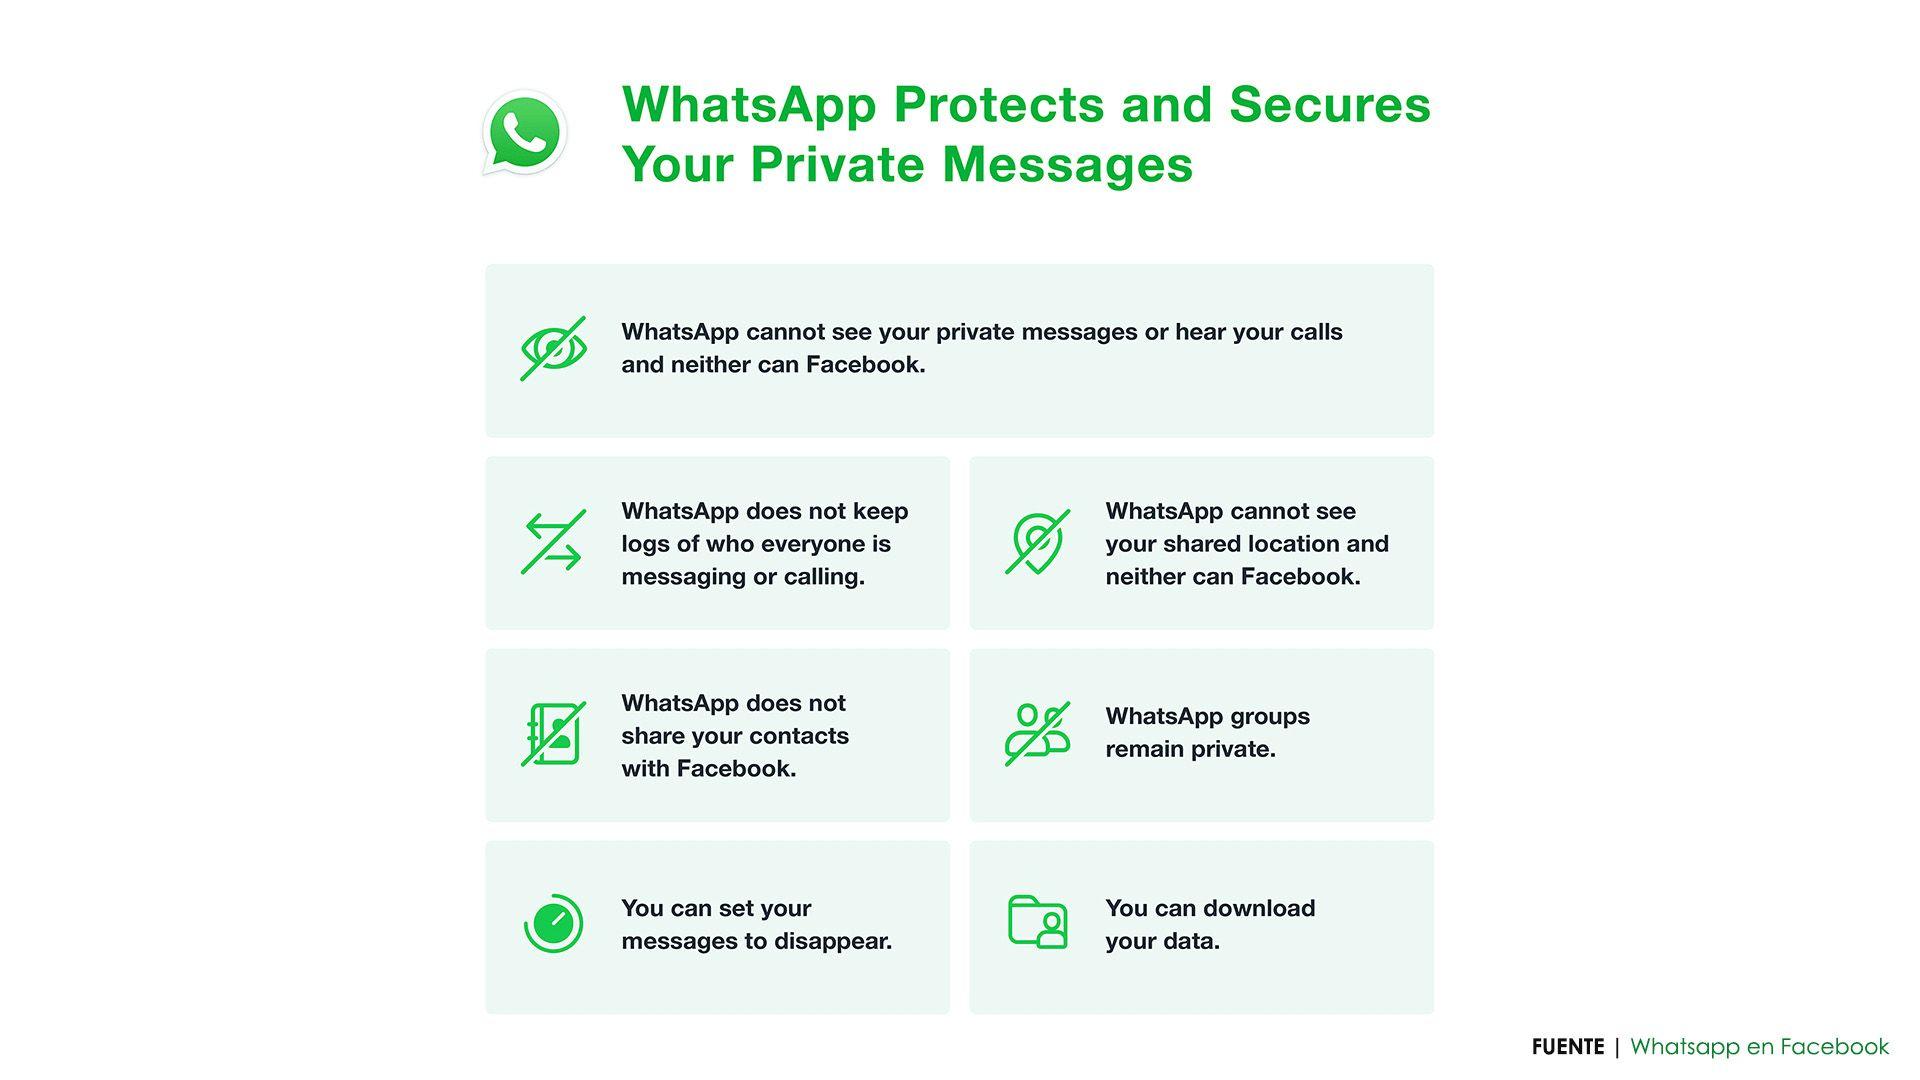 WhatsApp aclara que datos compartirá con Facebook